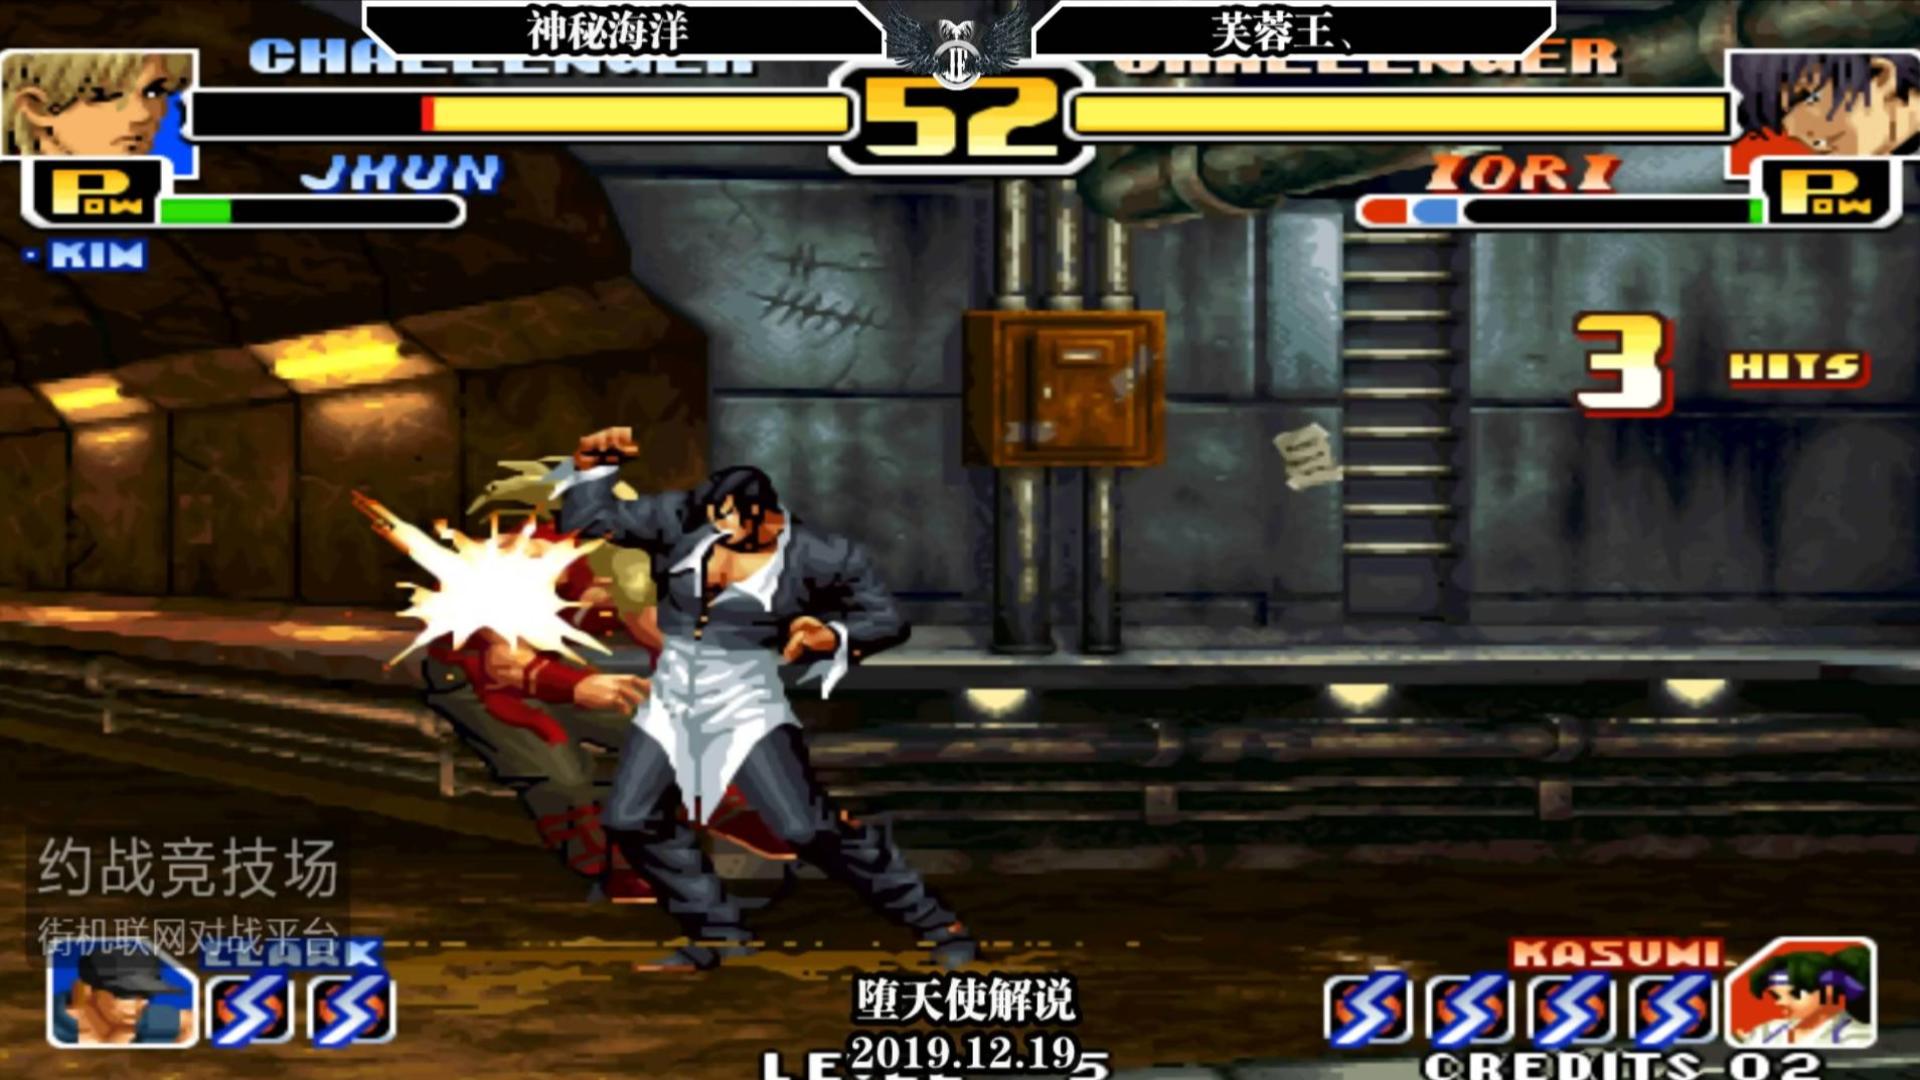 拳皇99:芙蓉王八神极限操作,超神反杀三人,打到对面怀疑人生!